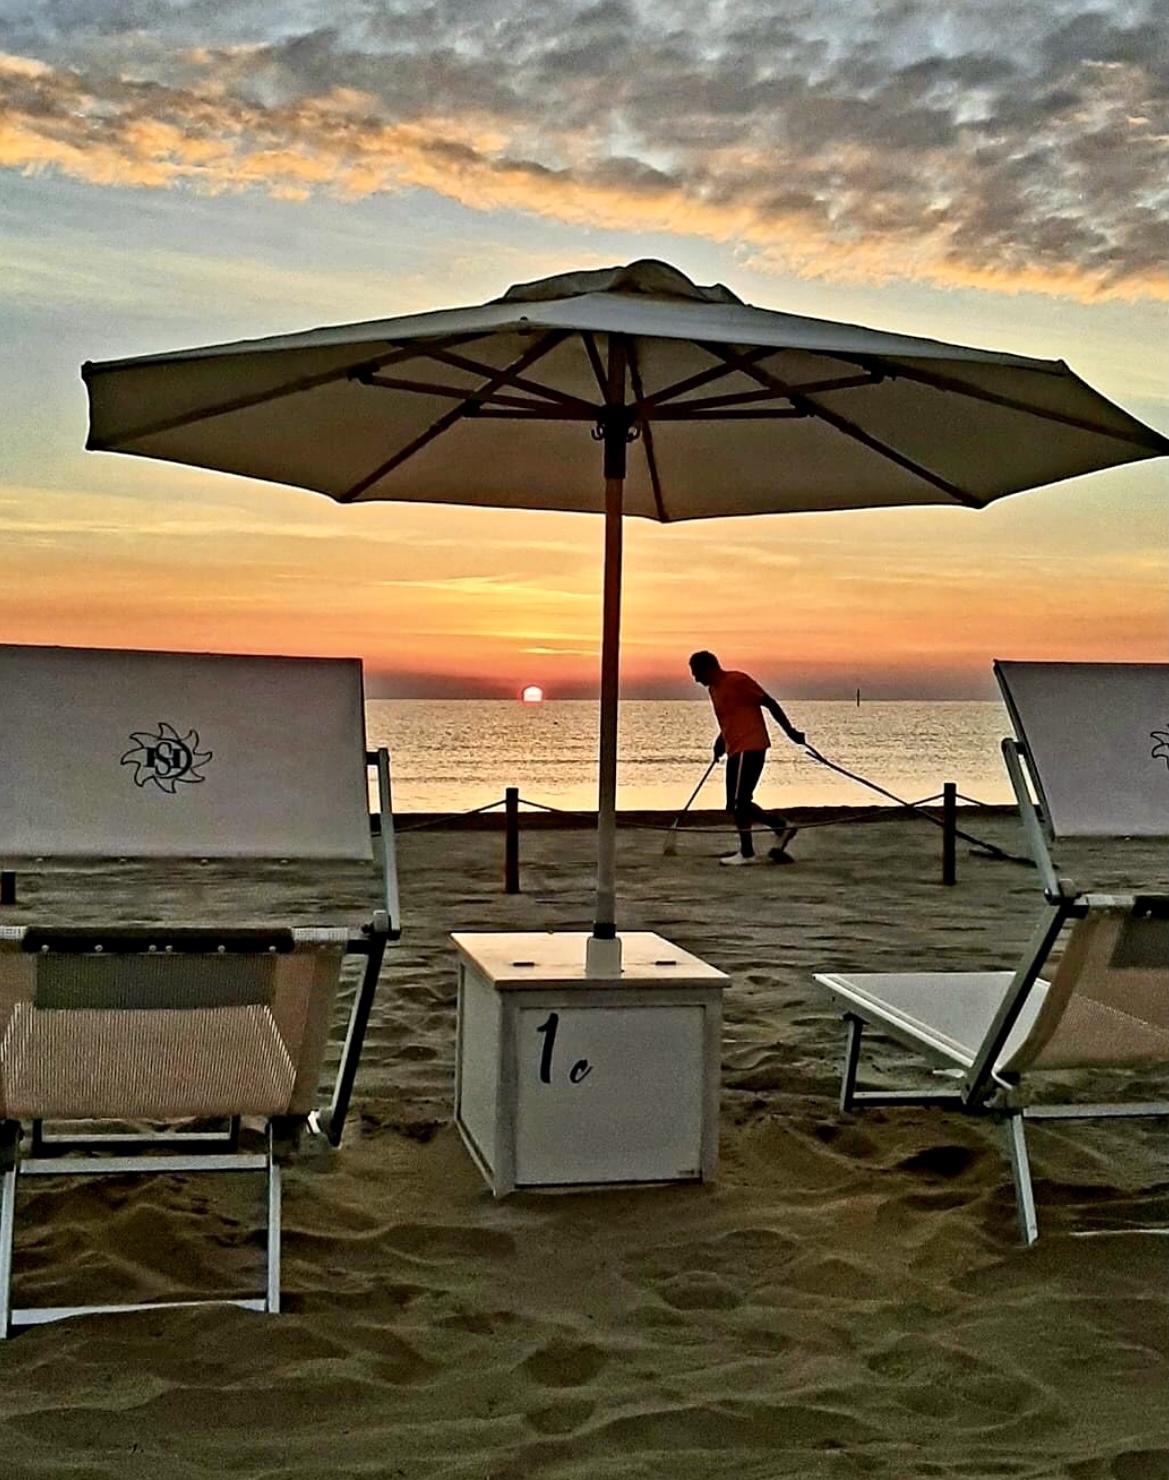 bagno giuliano 247 tramonoto sul lungomare di milano marittima, bagno con parcheggio privato e aperitivo sulla spiaggia